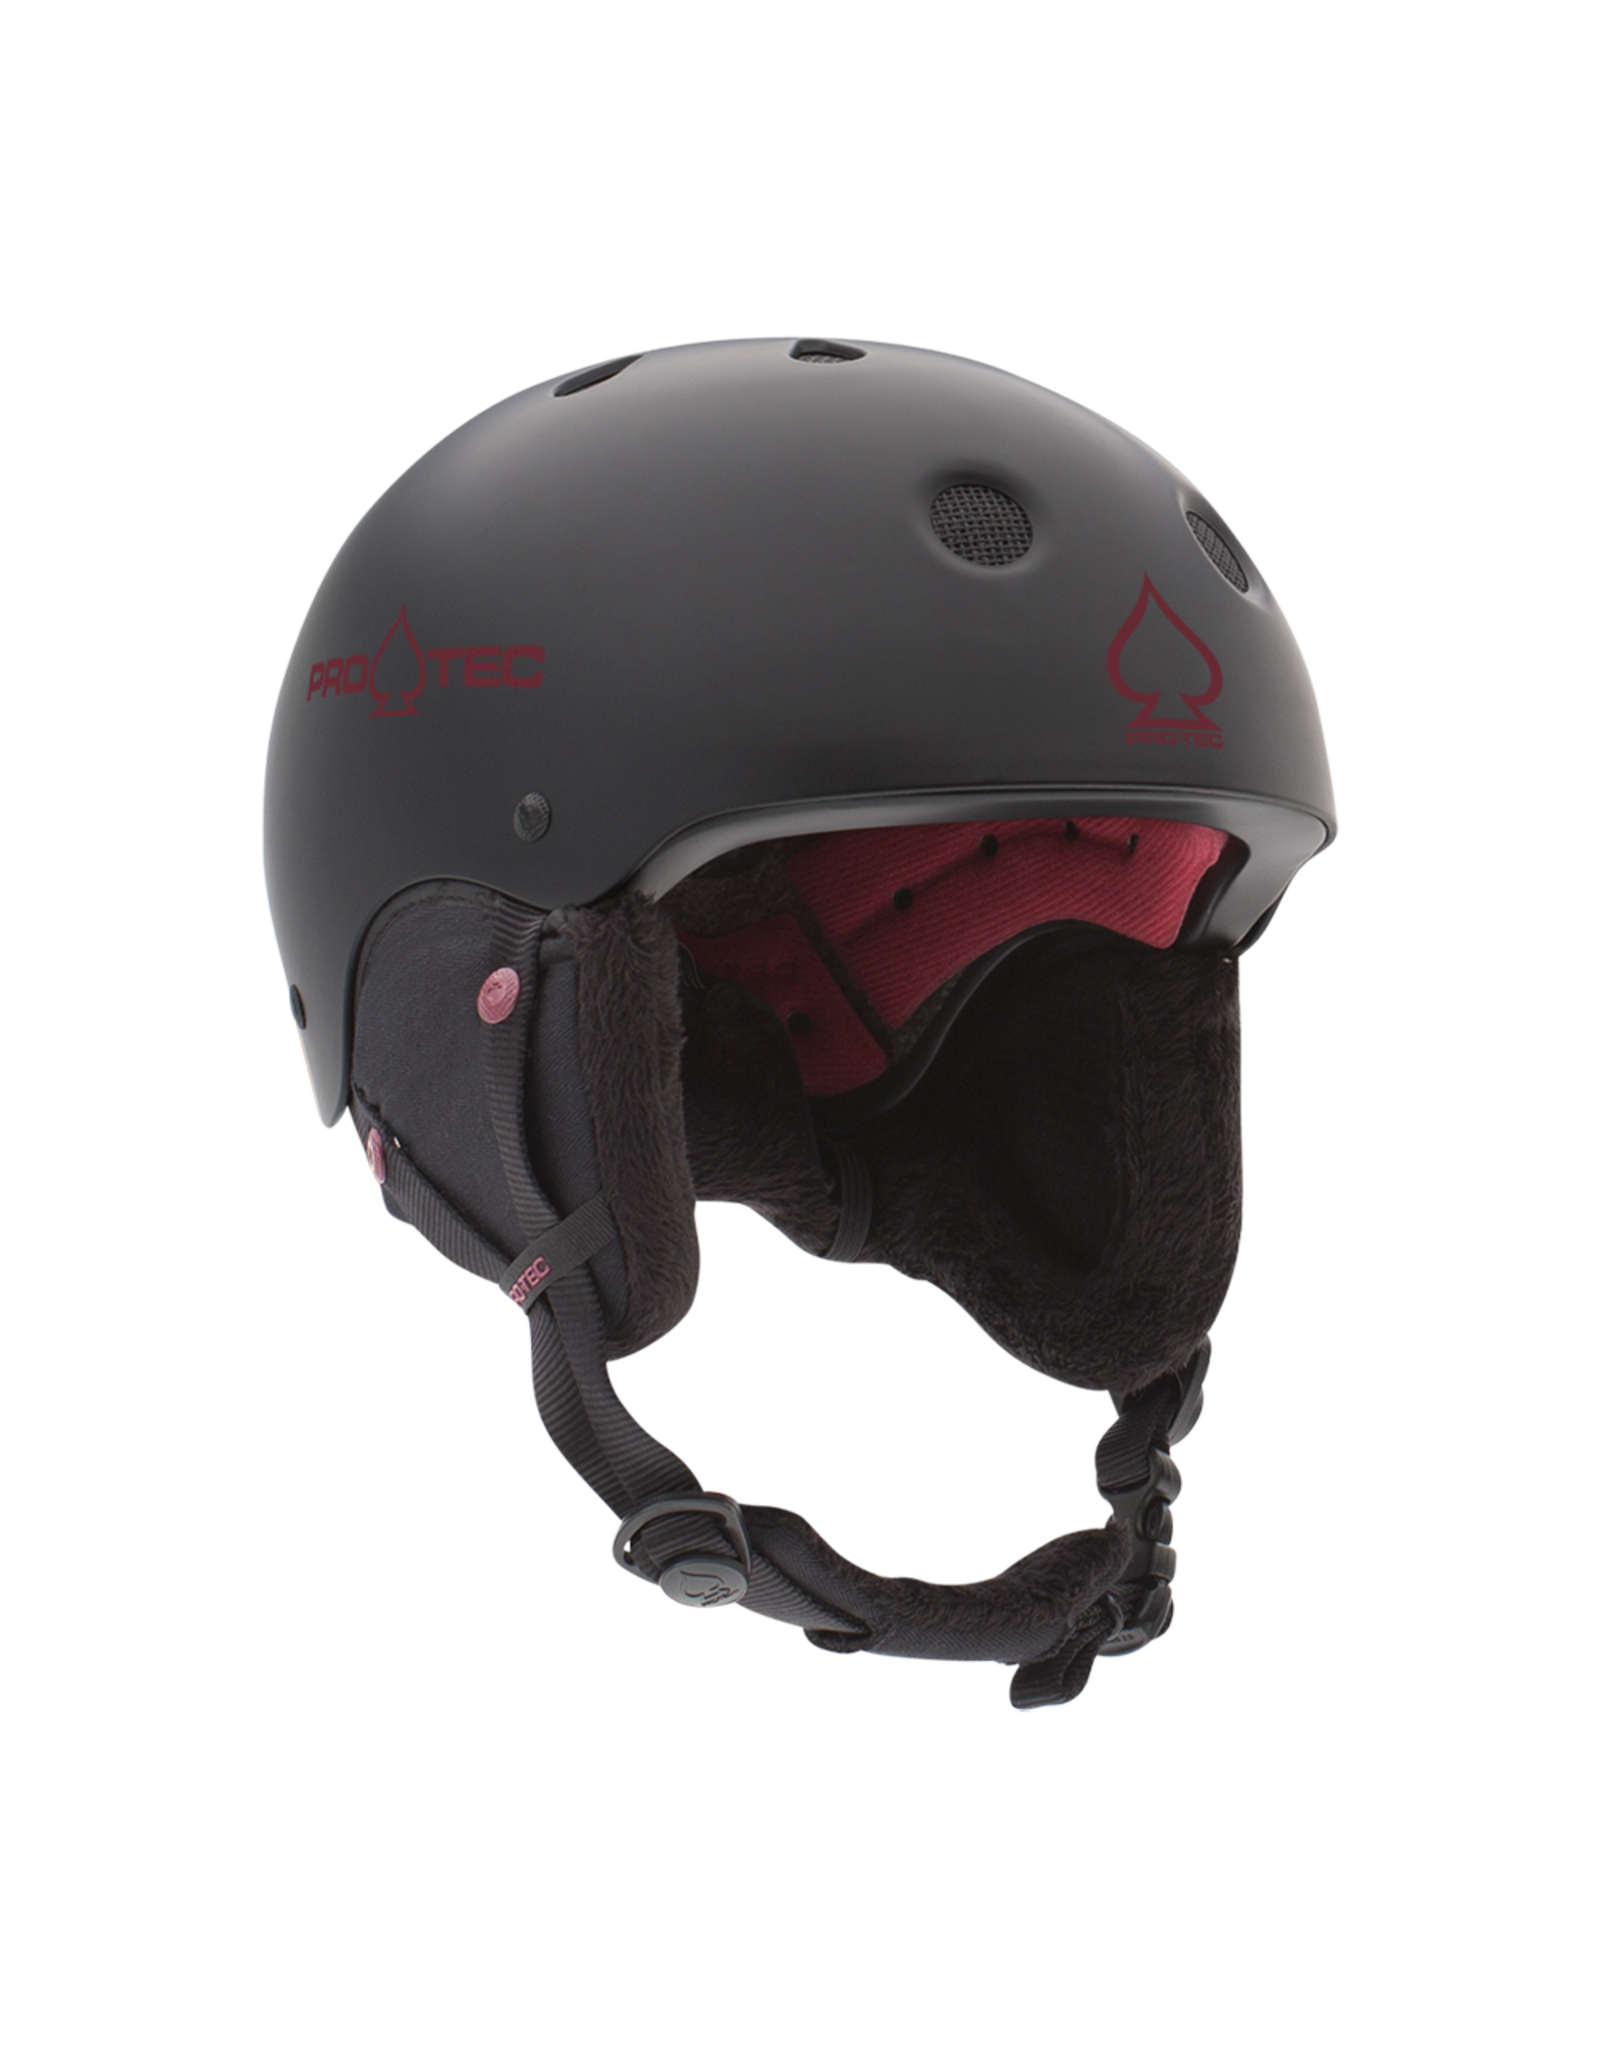 Pro-Tec Classic Certified Snow Helmet